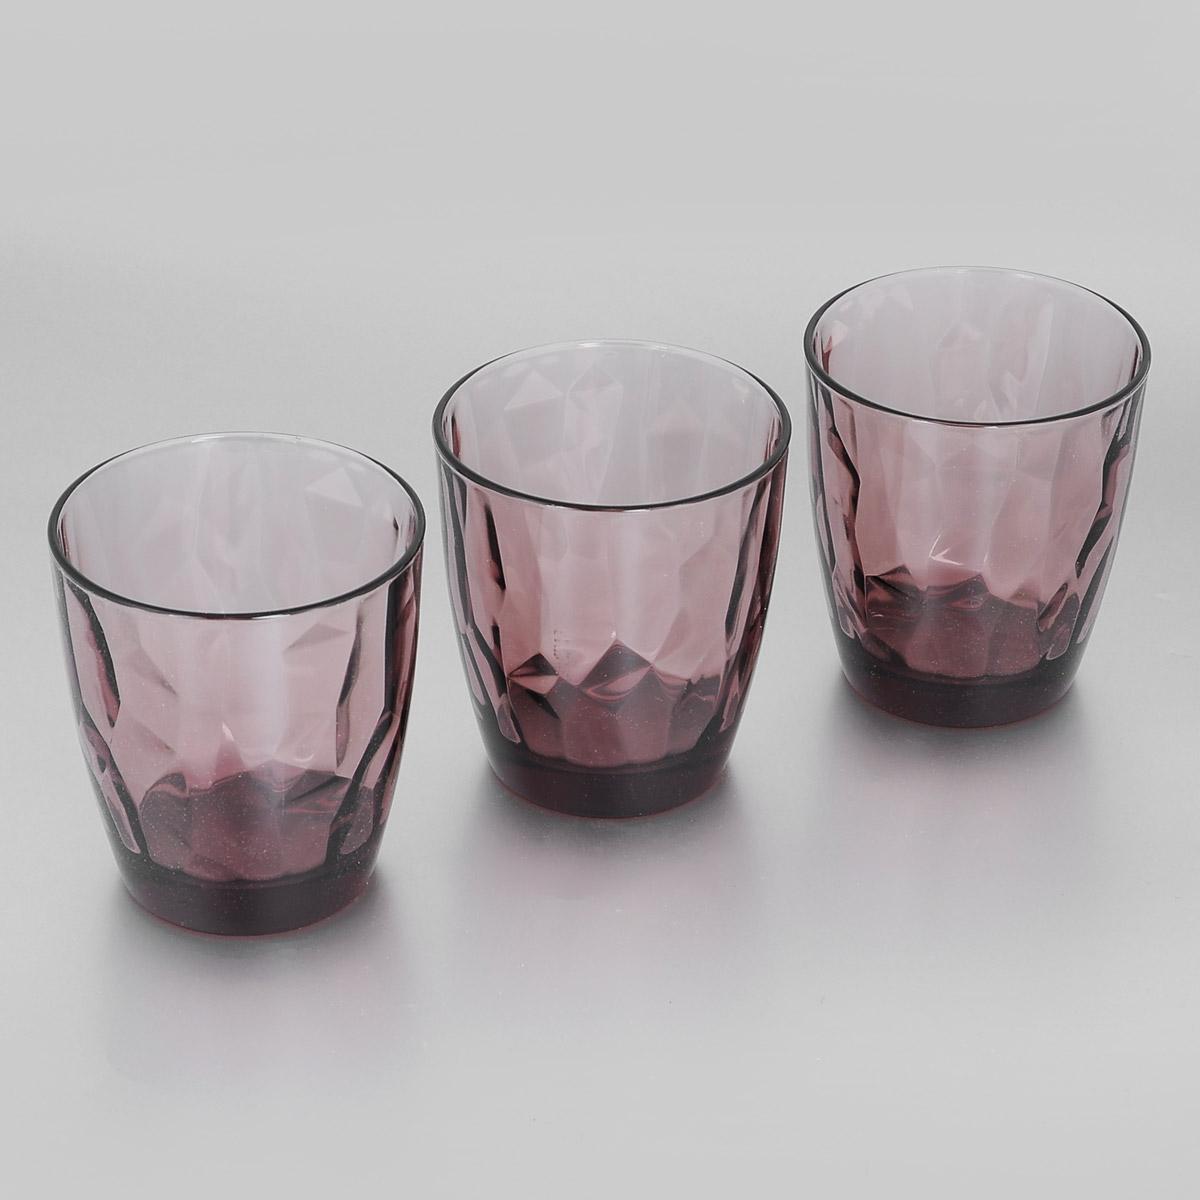 Набор стаканов Bormioli Rocco Diamond Rock Purple, 390 мл, 3 шт2KD67K/0/432315/300Набор Bormioli Rocco Diamond Rock Purple, выполненный из стекла, состоит из 3 низких стаканов. Стаканы предназначены для подачи холодных напитков. С внутренней стороны поверхность стаканов рельефная, что создает эффект игры света и преломления. Благодаря такому набору пить напитки будет еще вкуснее.Стаканы Bormioli Rocco Diamond Rock Purple станут идеальным украшением праздничного стола и отличным подарком к любому празднику. С 1825 года компания Bormioli Rocco производит высококачественную посуду из стекла. На сегодняшний день это мировой лидер на рынке производства стеклянных изделий. Ассортимент, предлагаемый Bormioli Rocco необычайно широк - это бокалы, фужеры, рюмки, графины, кувшины, банки для сыпучих продуктов и консервирования, тарелки, салатники, чашки, контейнеры различных емкостей, предназначенные для хранения продуктов в холодильниках и морозильных камерах и т.д. Стекло сочетает в себе передовые технологии и традиционно высокое качество.